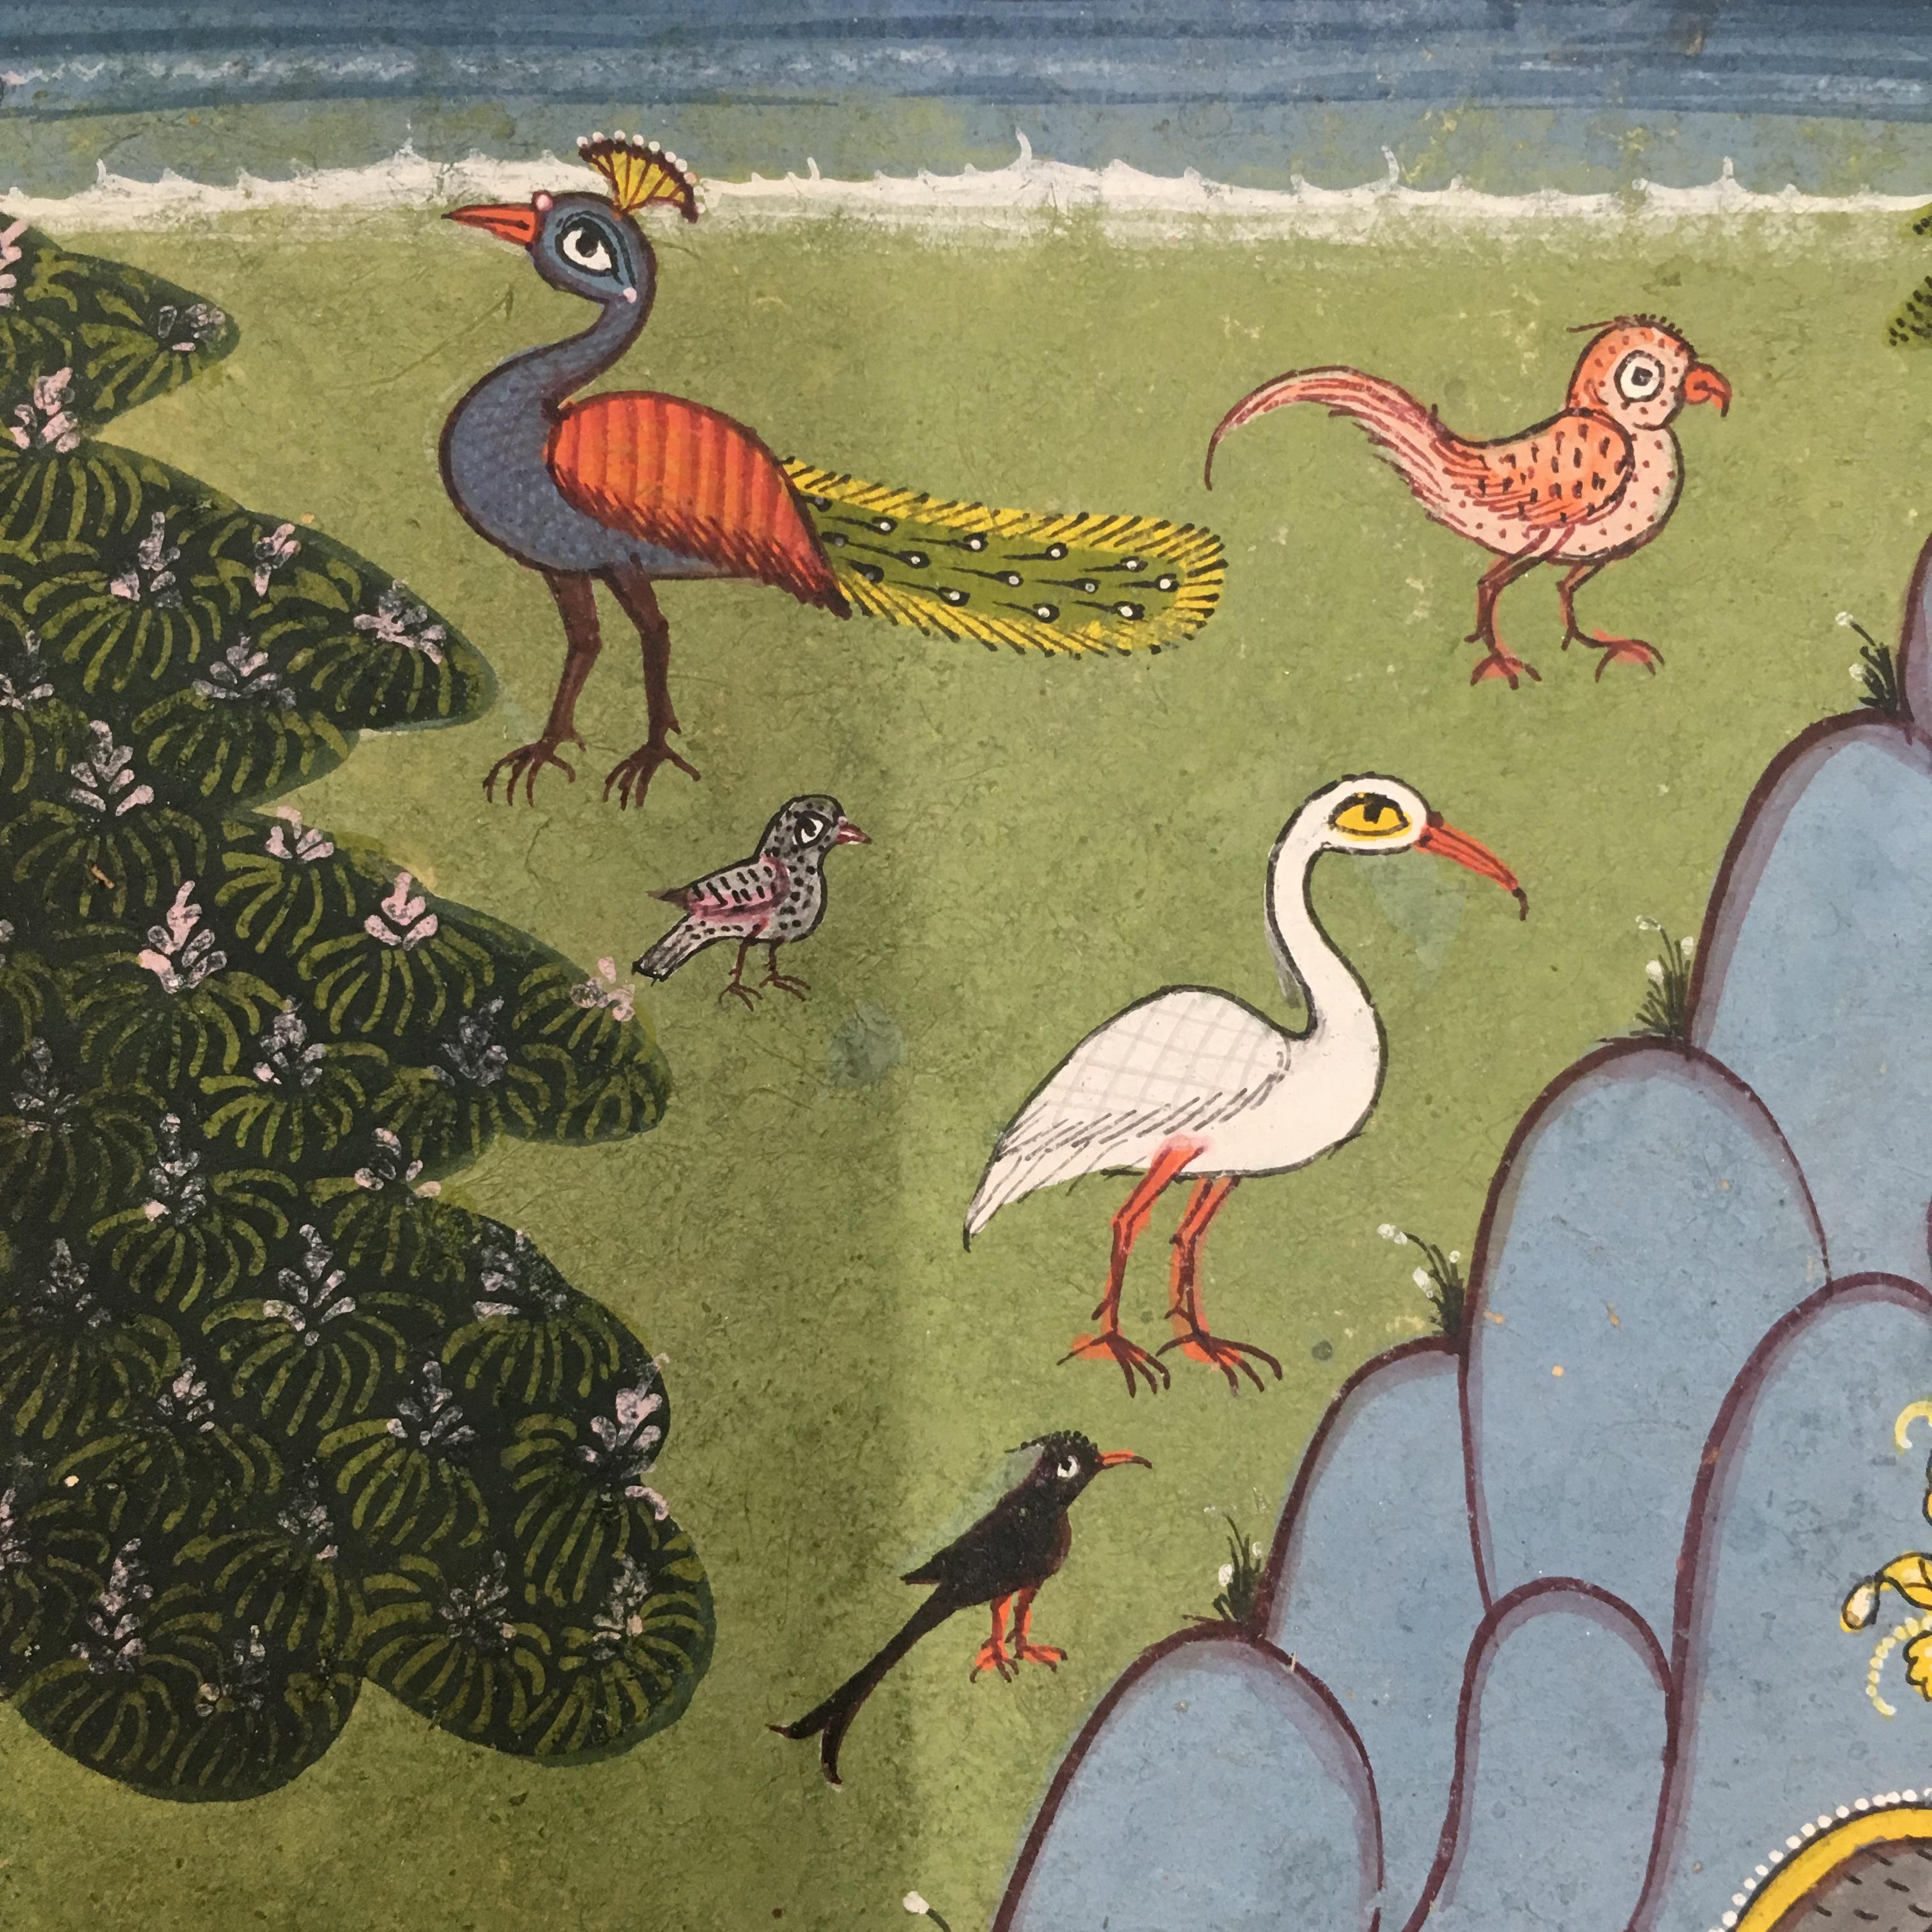 close up of birds in a garden